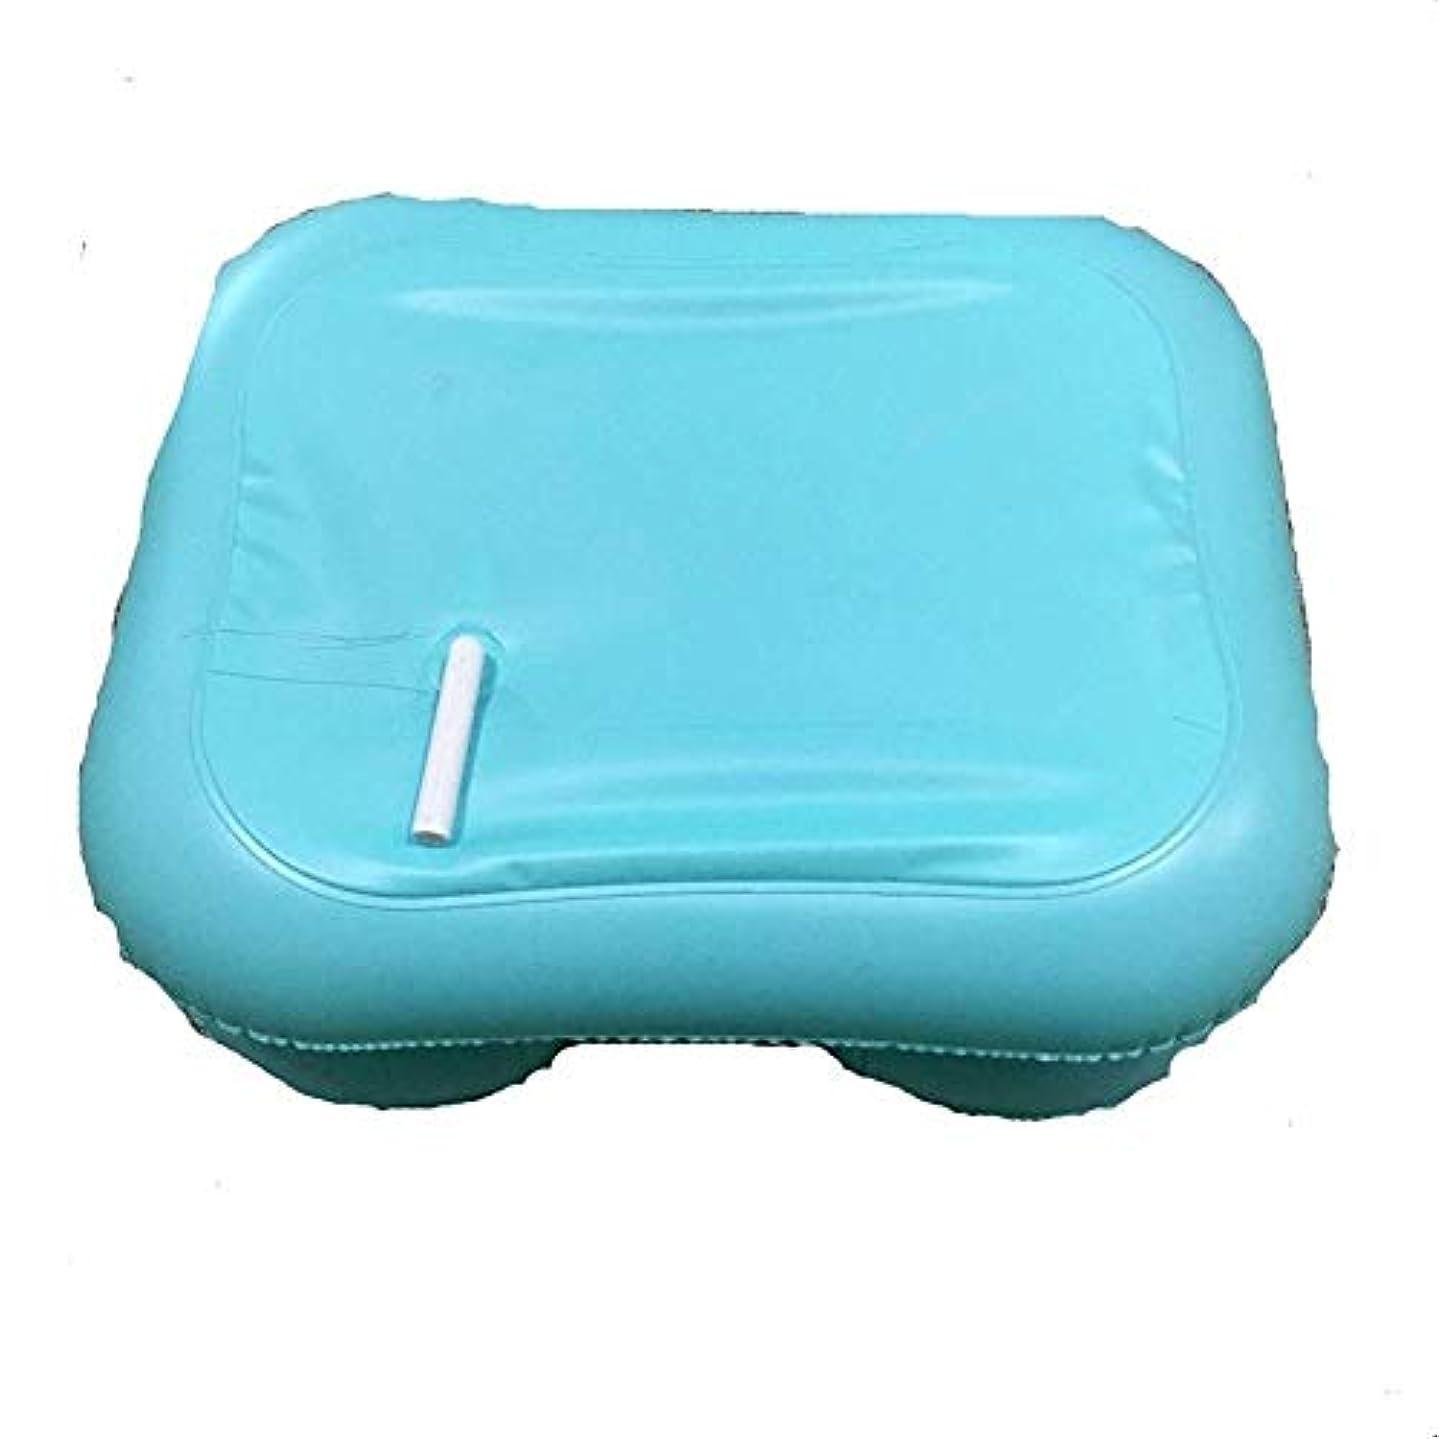 答え寛大な本看護ベッド用シャンプー洗面器-高齢者障害妊婦用の医療用簡易洗面器洗面台